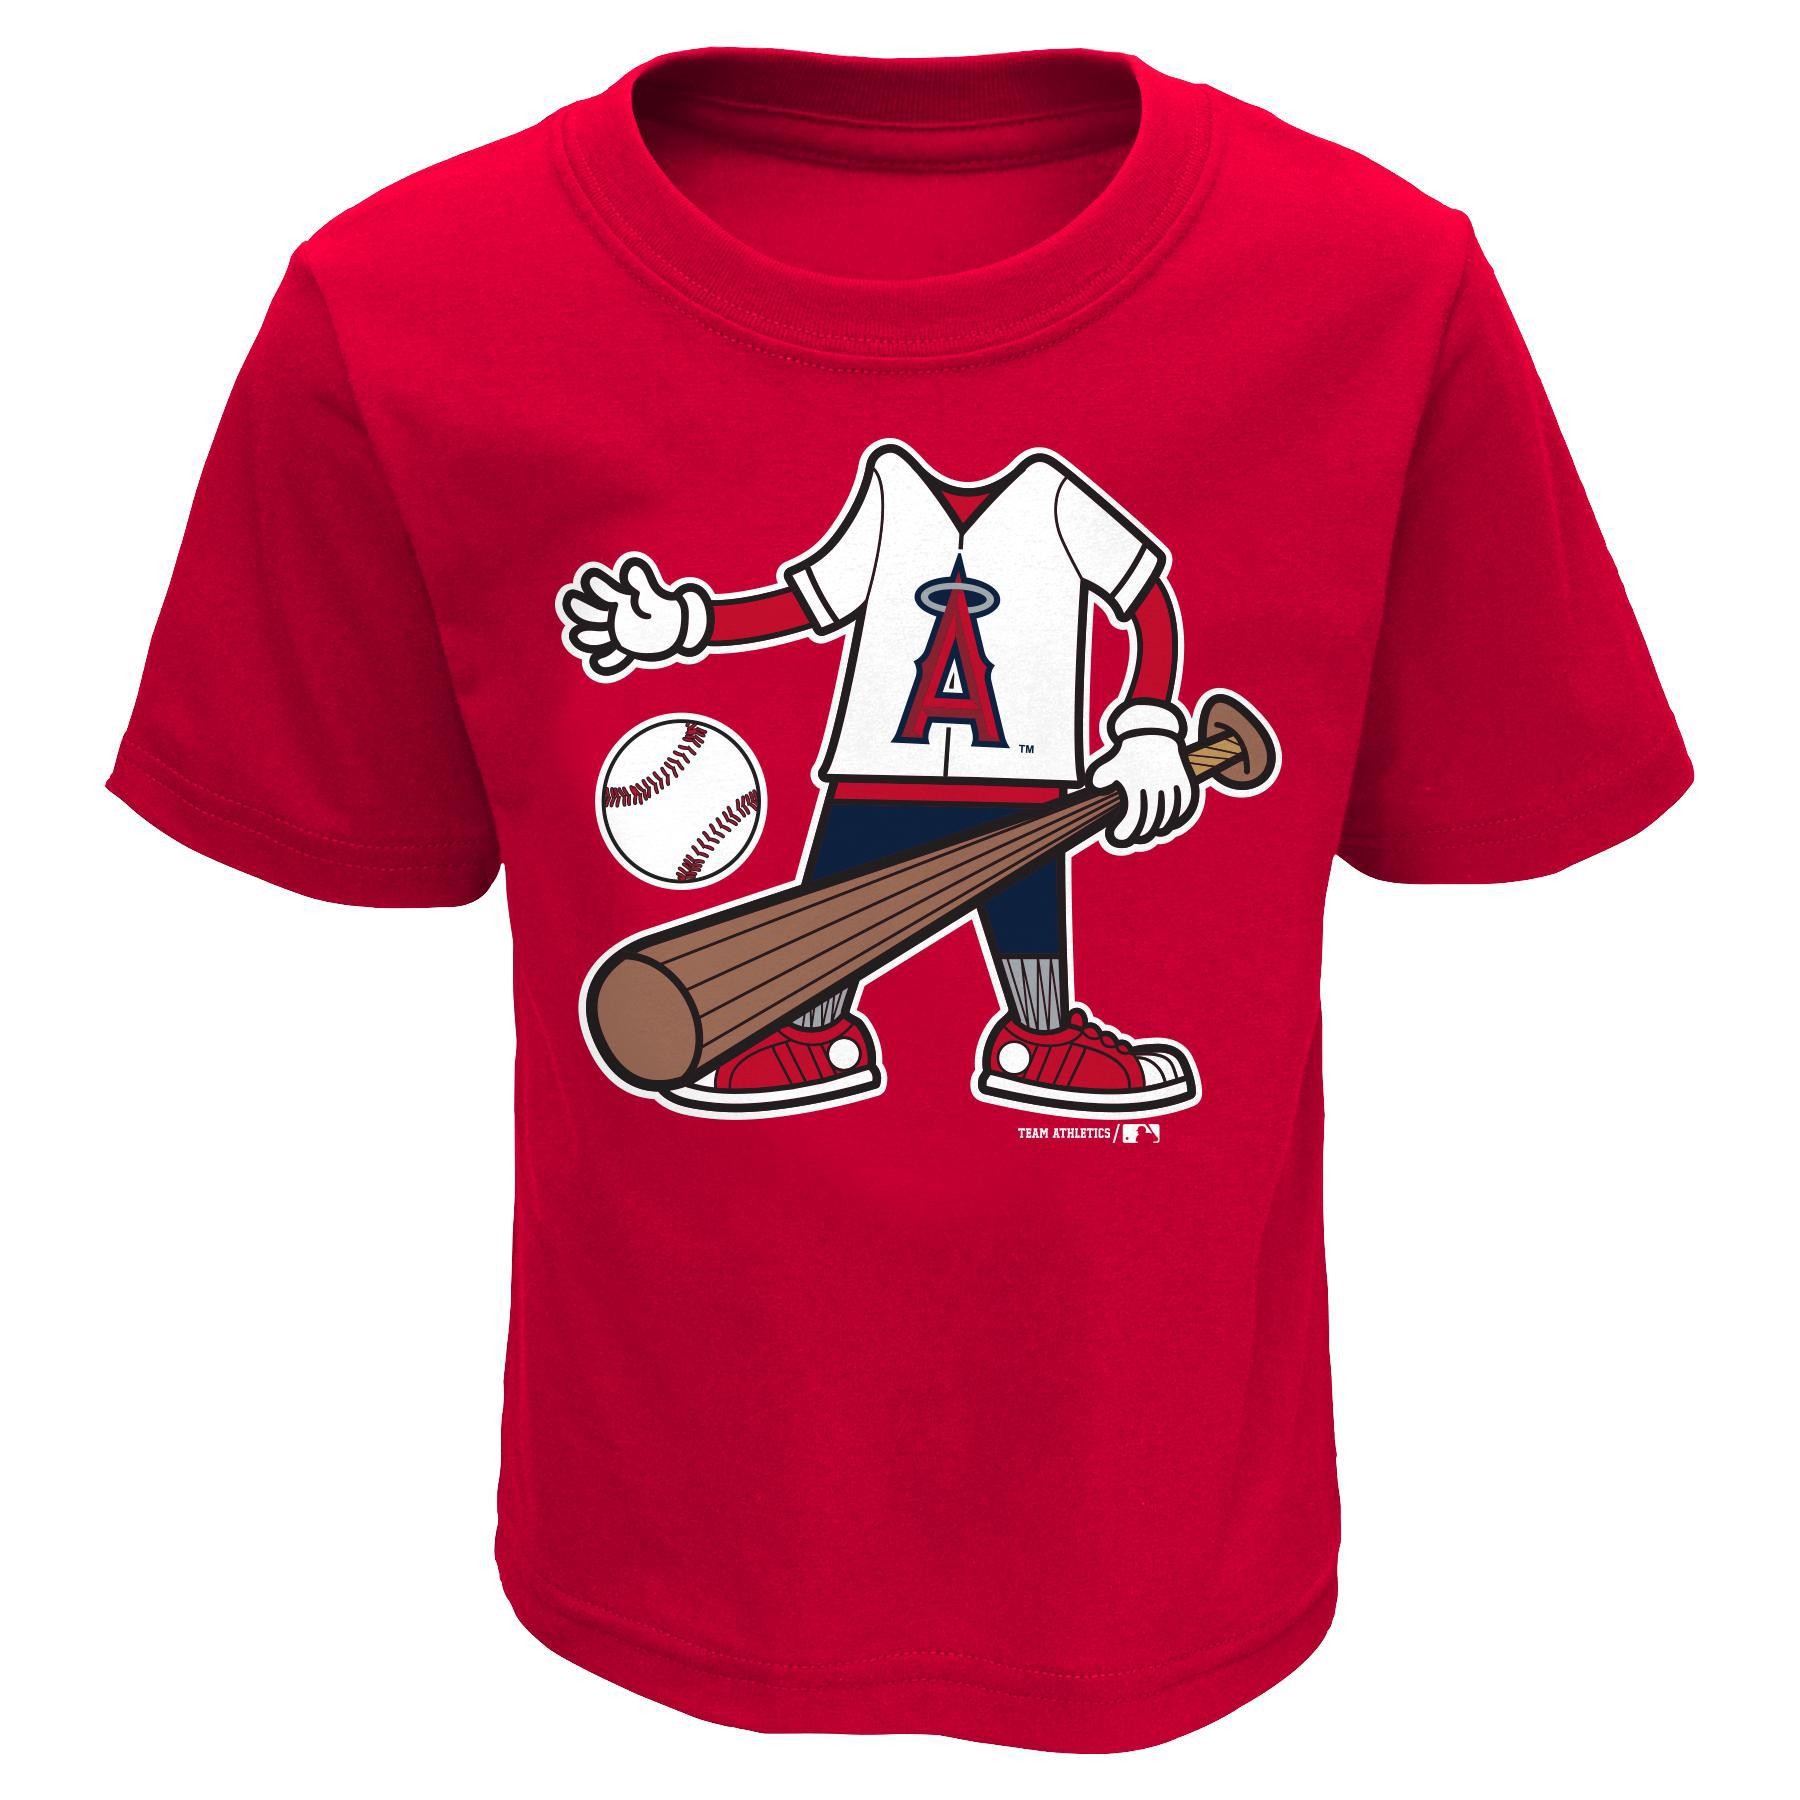 MLB Infant & Toddler Boy's T-Shirt - Los Angeles Angels of Anaheim PartNumber: 046VA88759512P MfgPartNumber: 34CFJ-22